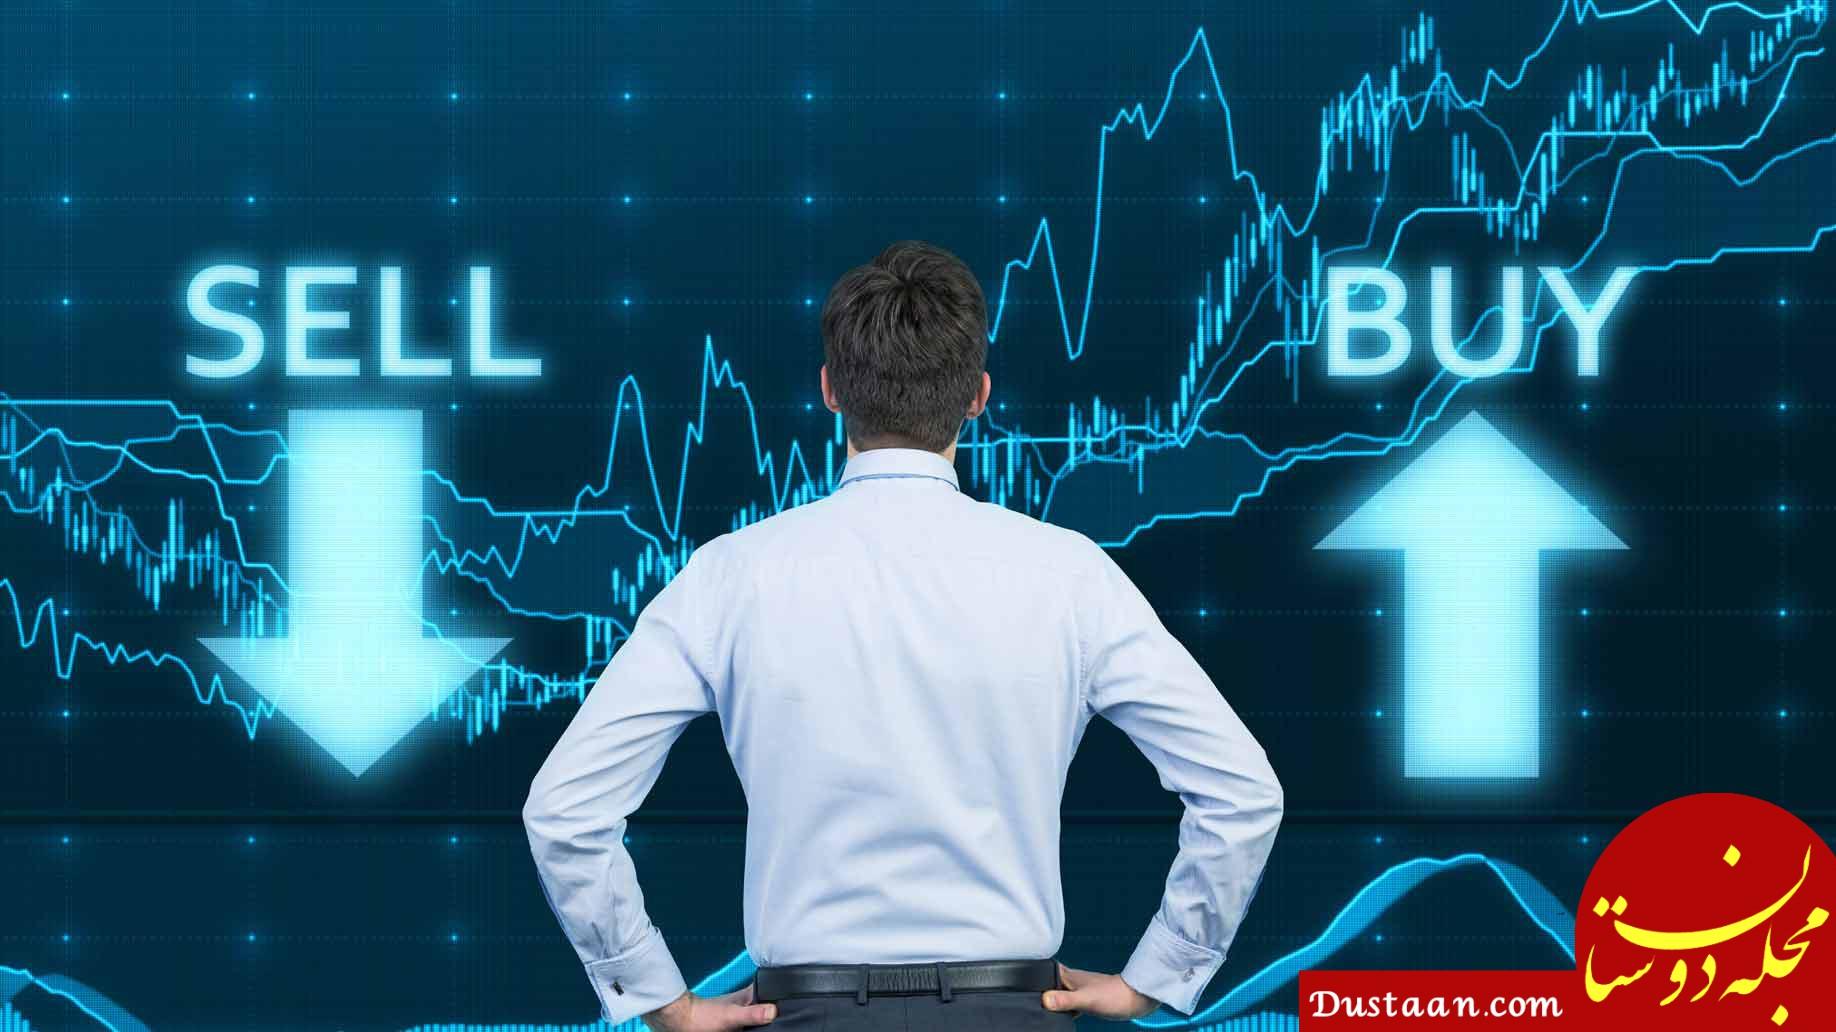 قیمت لحظه ای طلا ، سکه و دلار در بازار / وضعیت بورس امروز